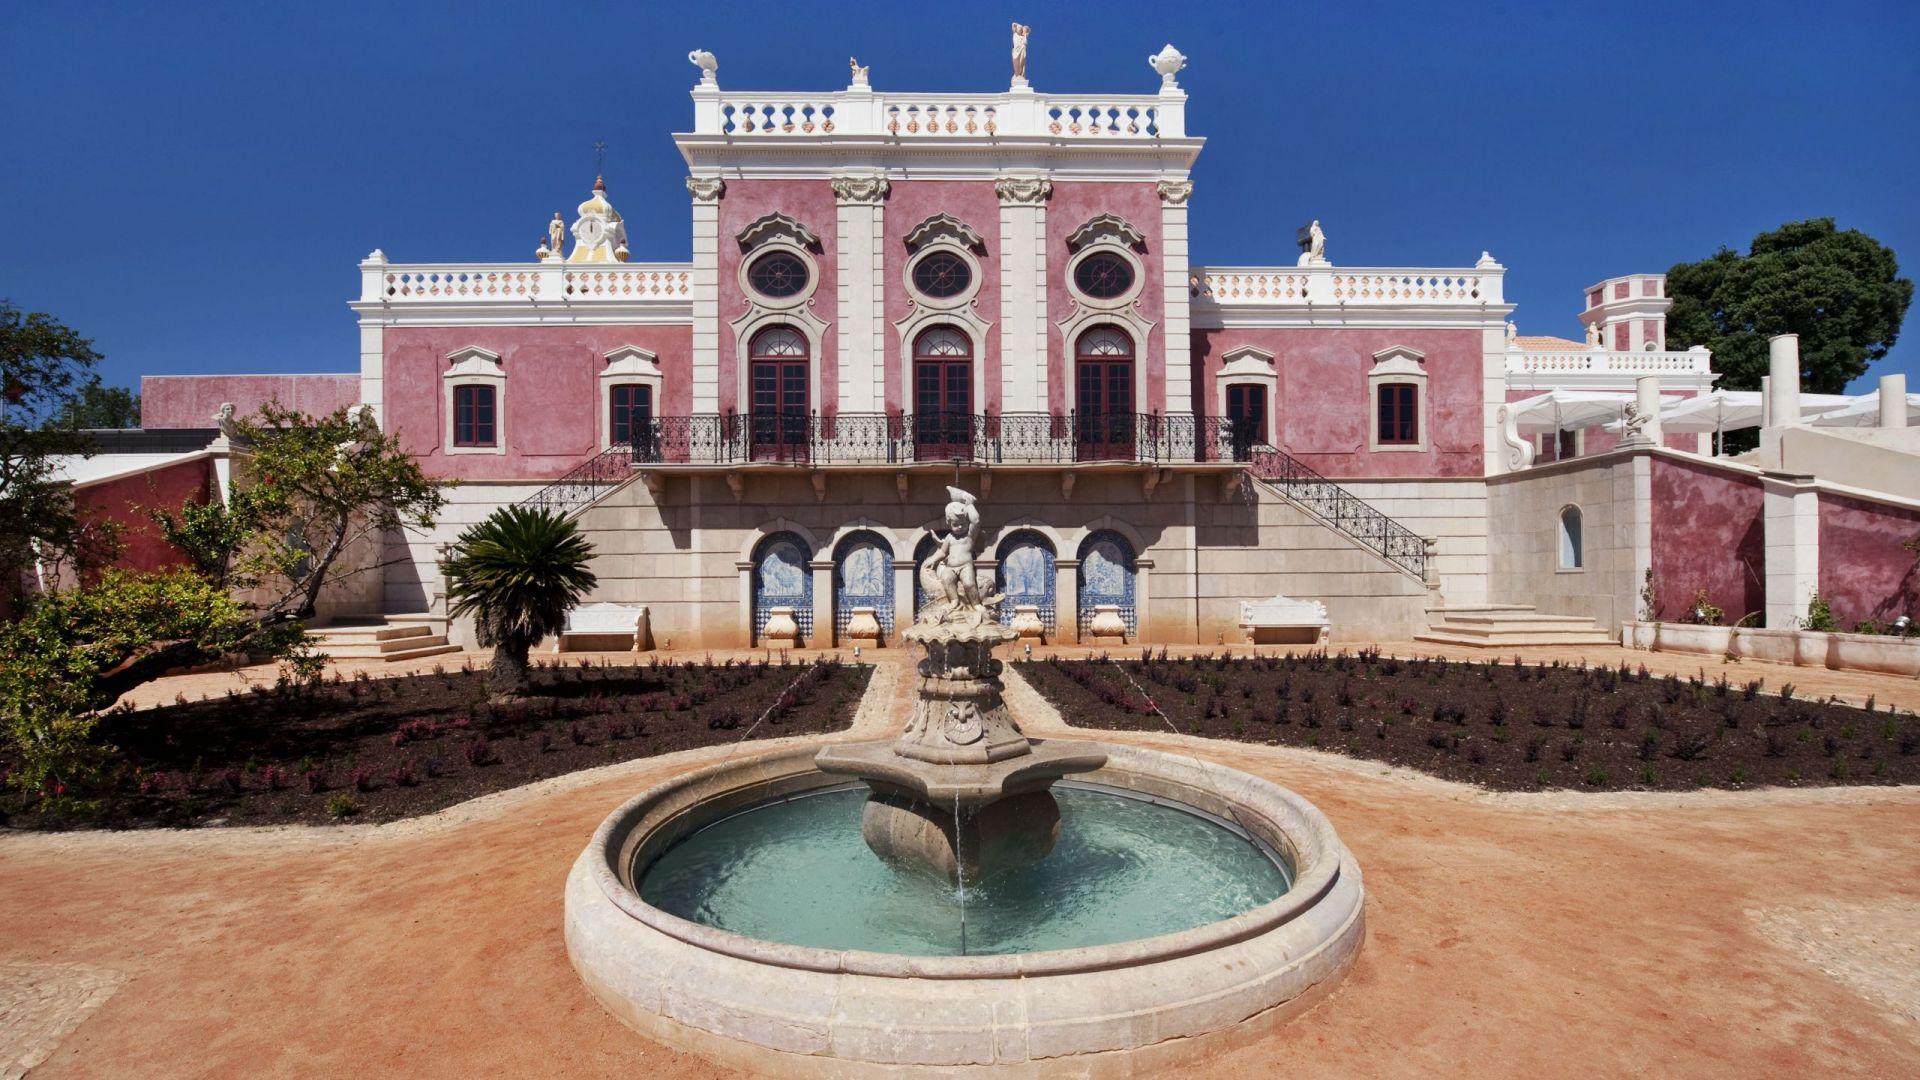 Pousada Palacio de Estoi Exterior Front View